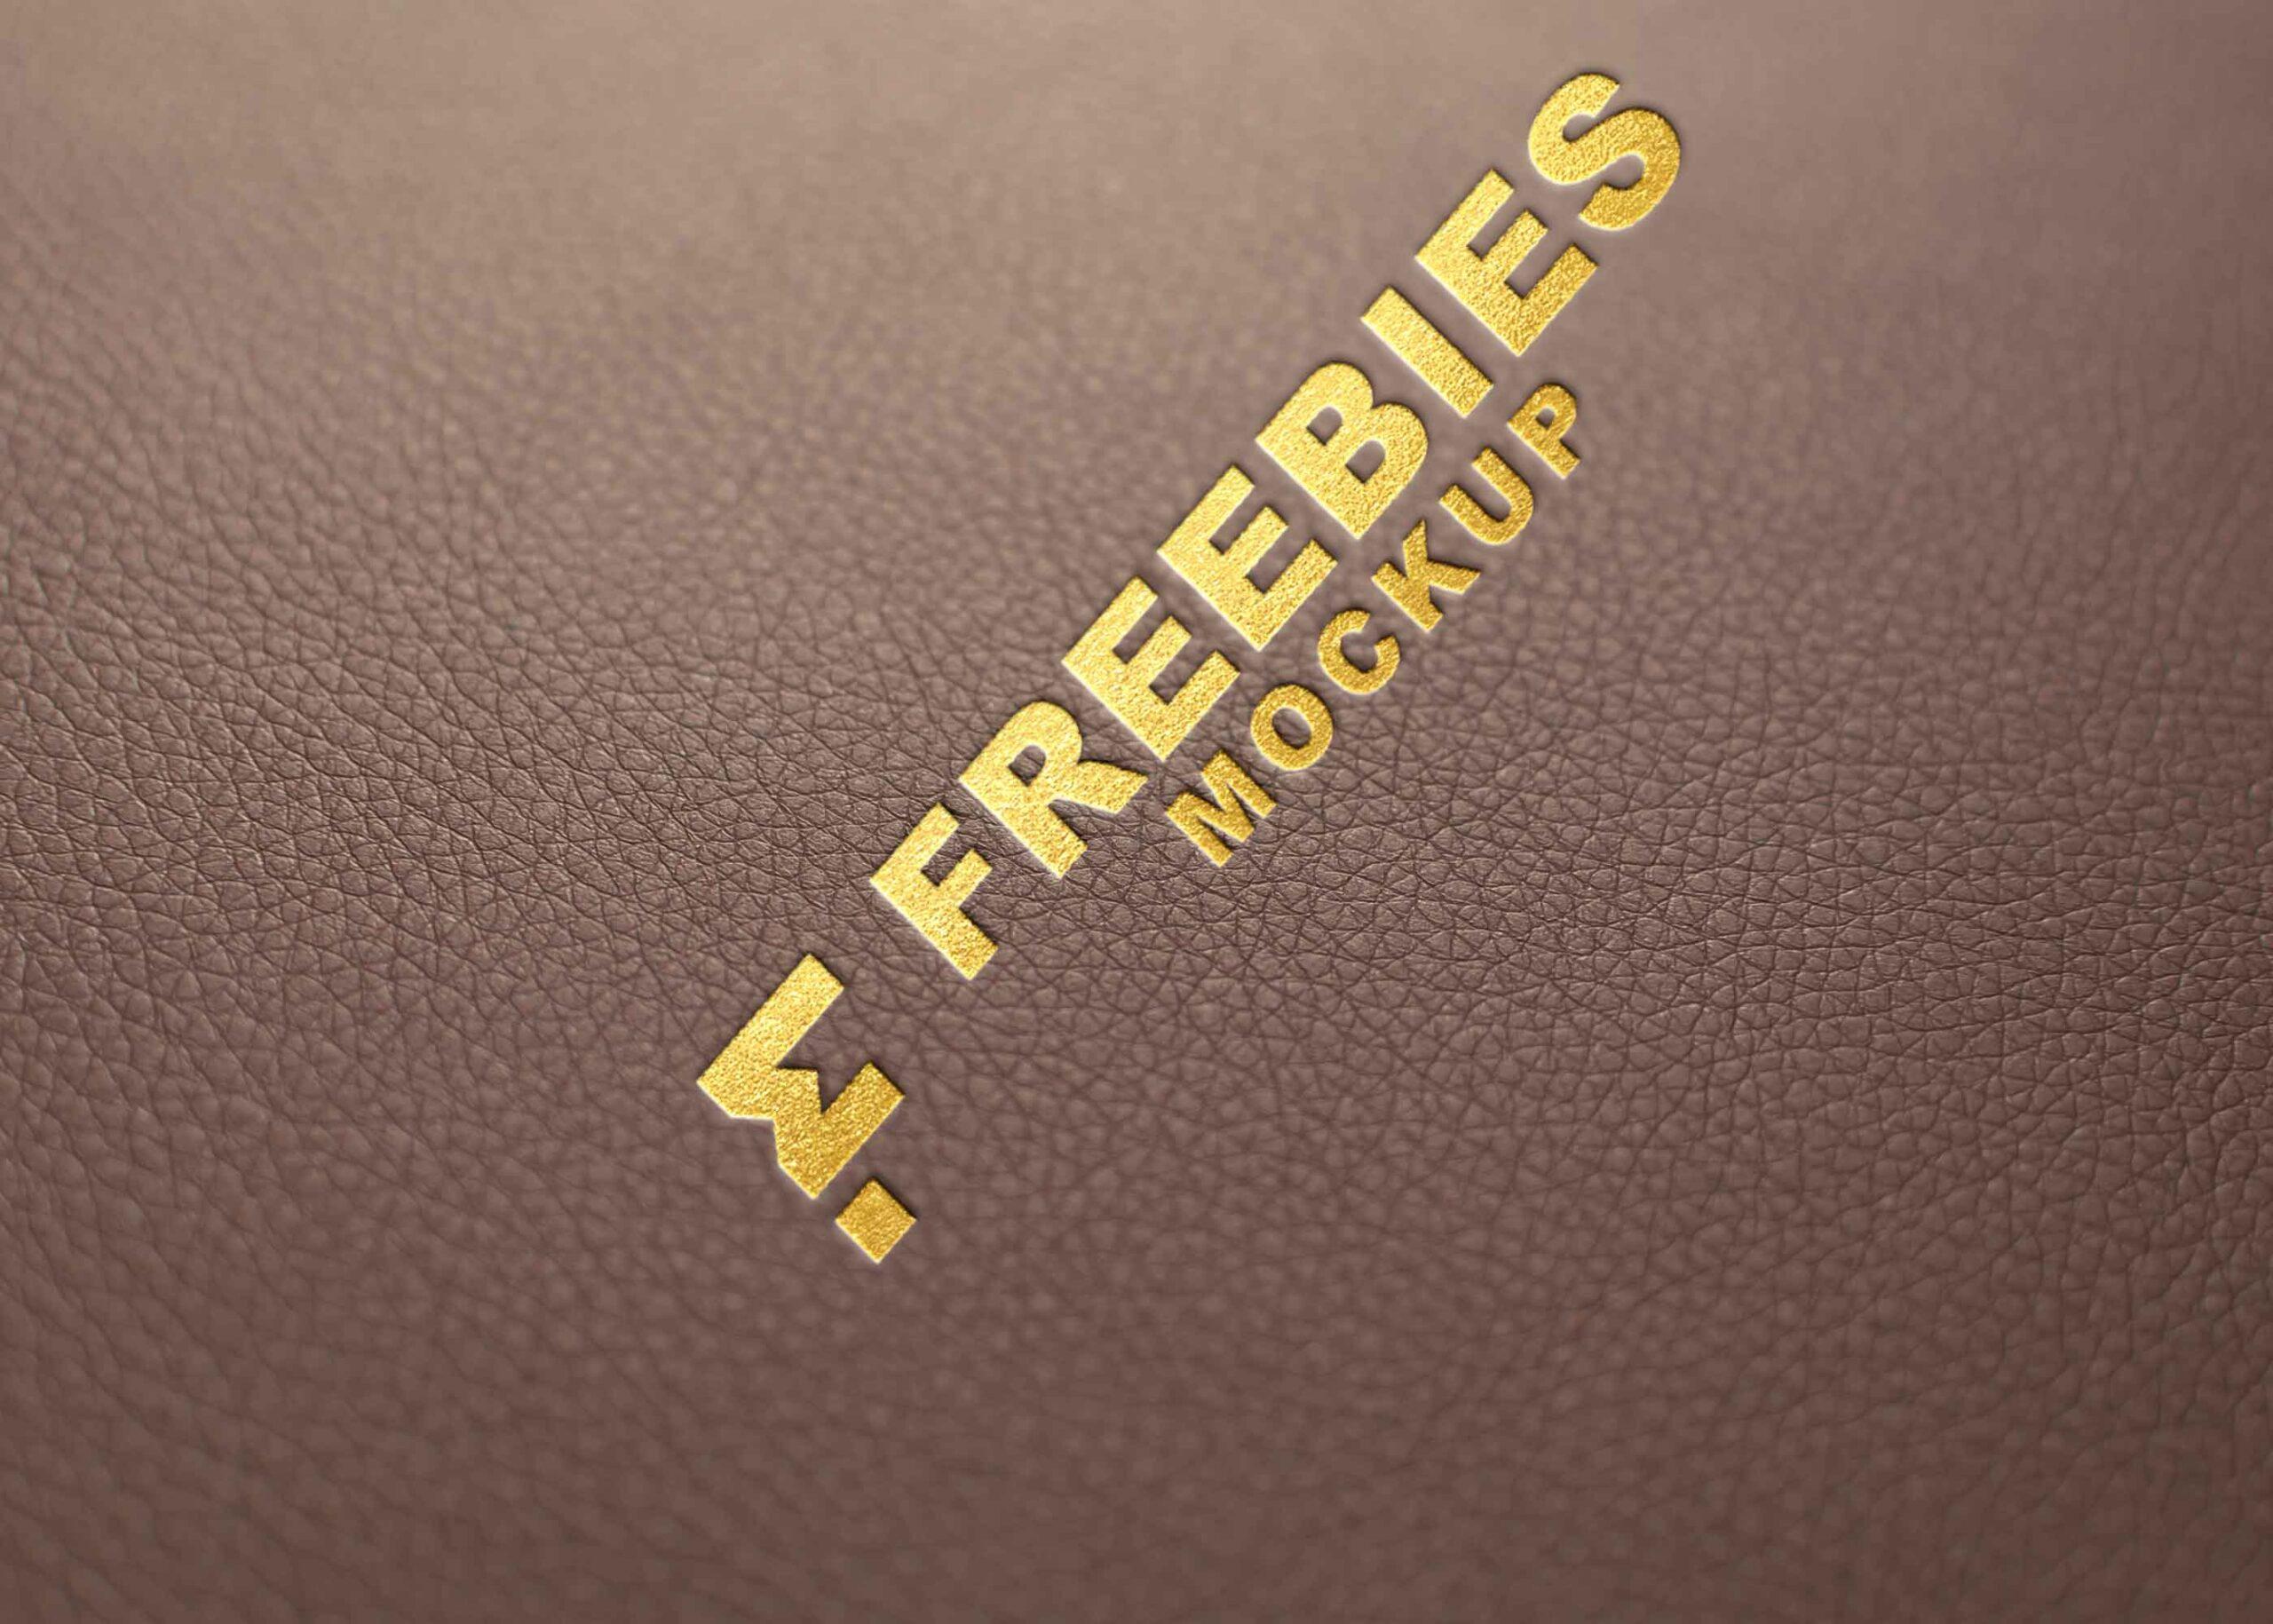 Leather Golden Logo Mockup